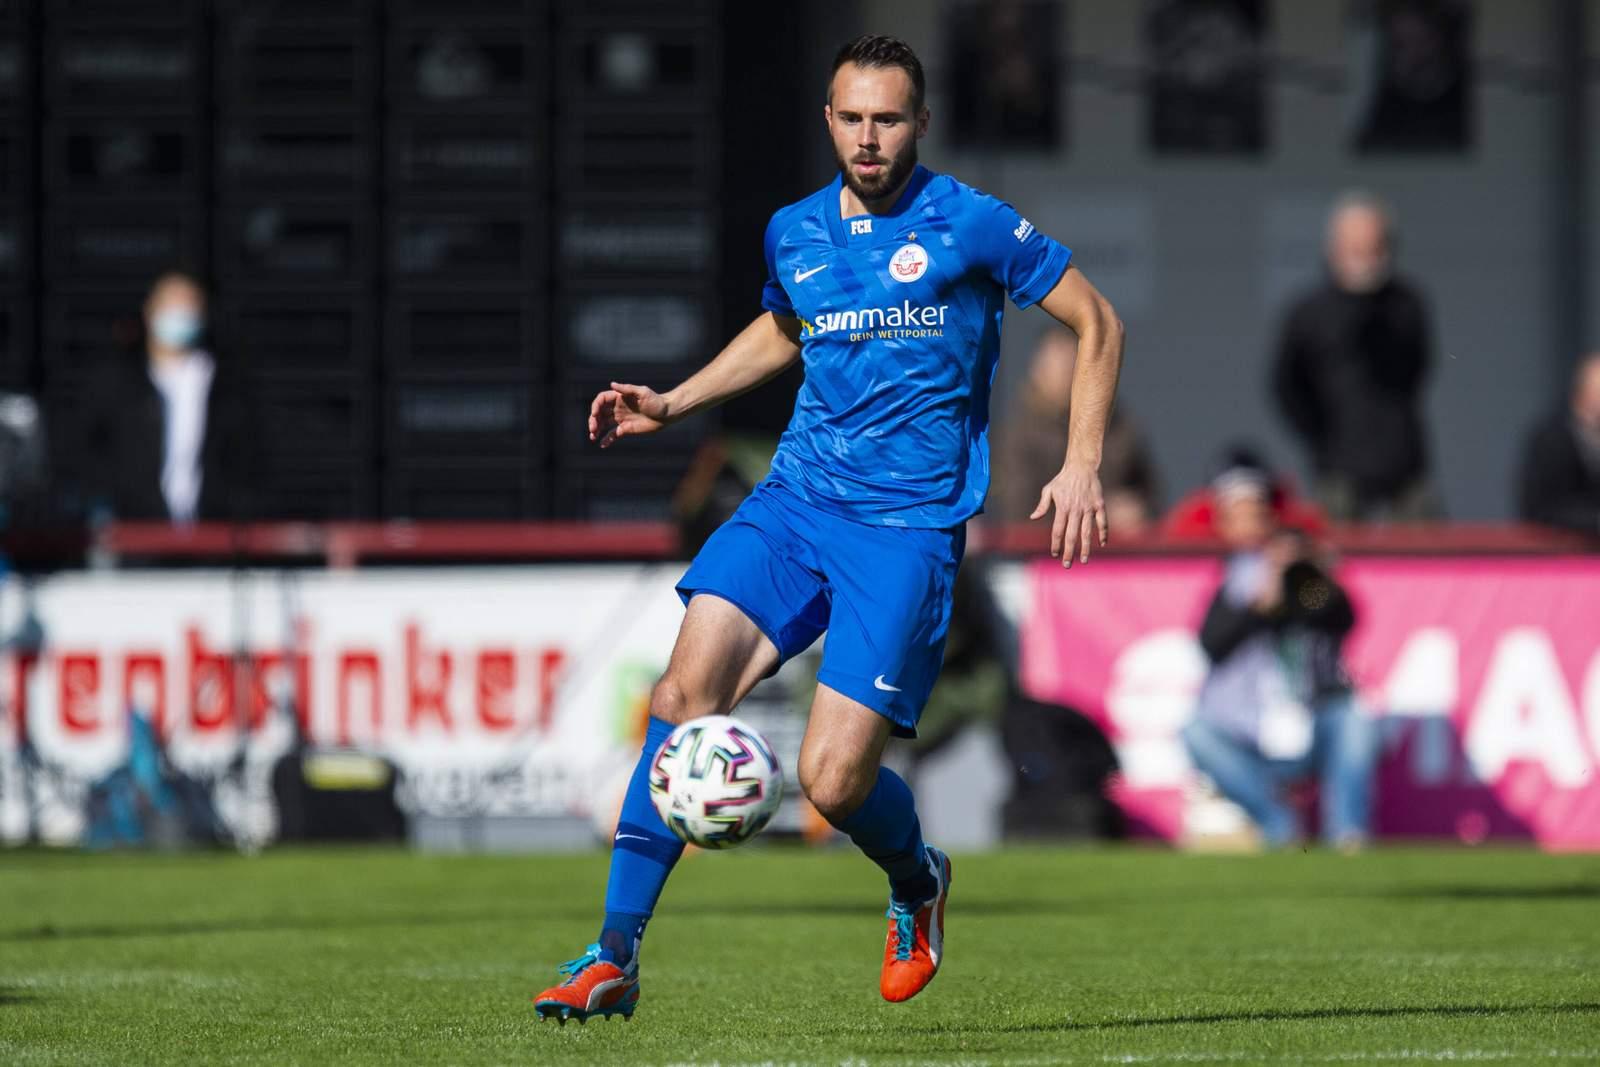 Pascal Breier im Auswärtsspiel beim SC Verl.